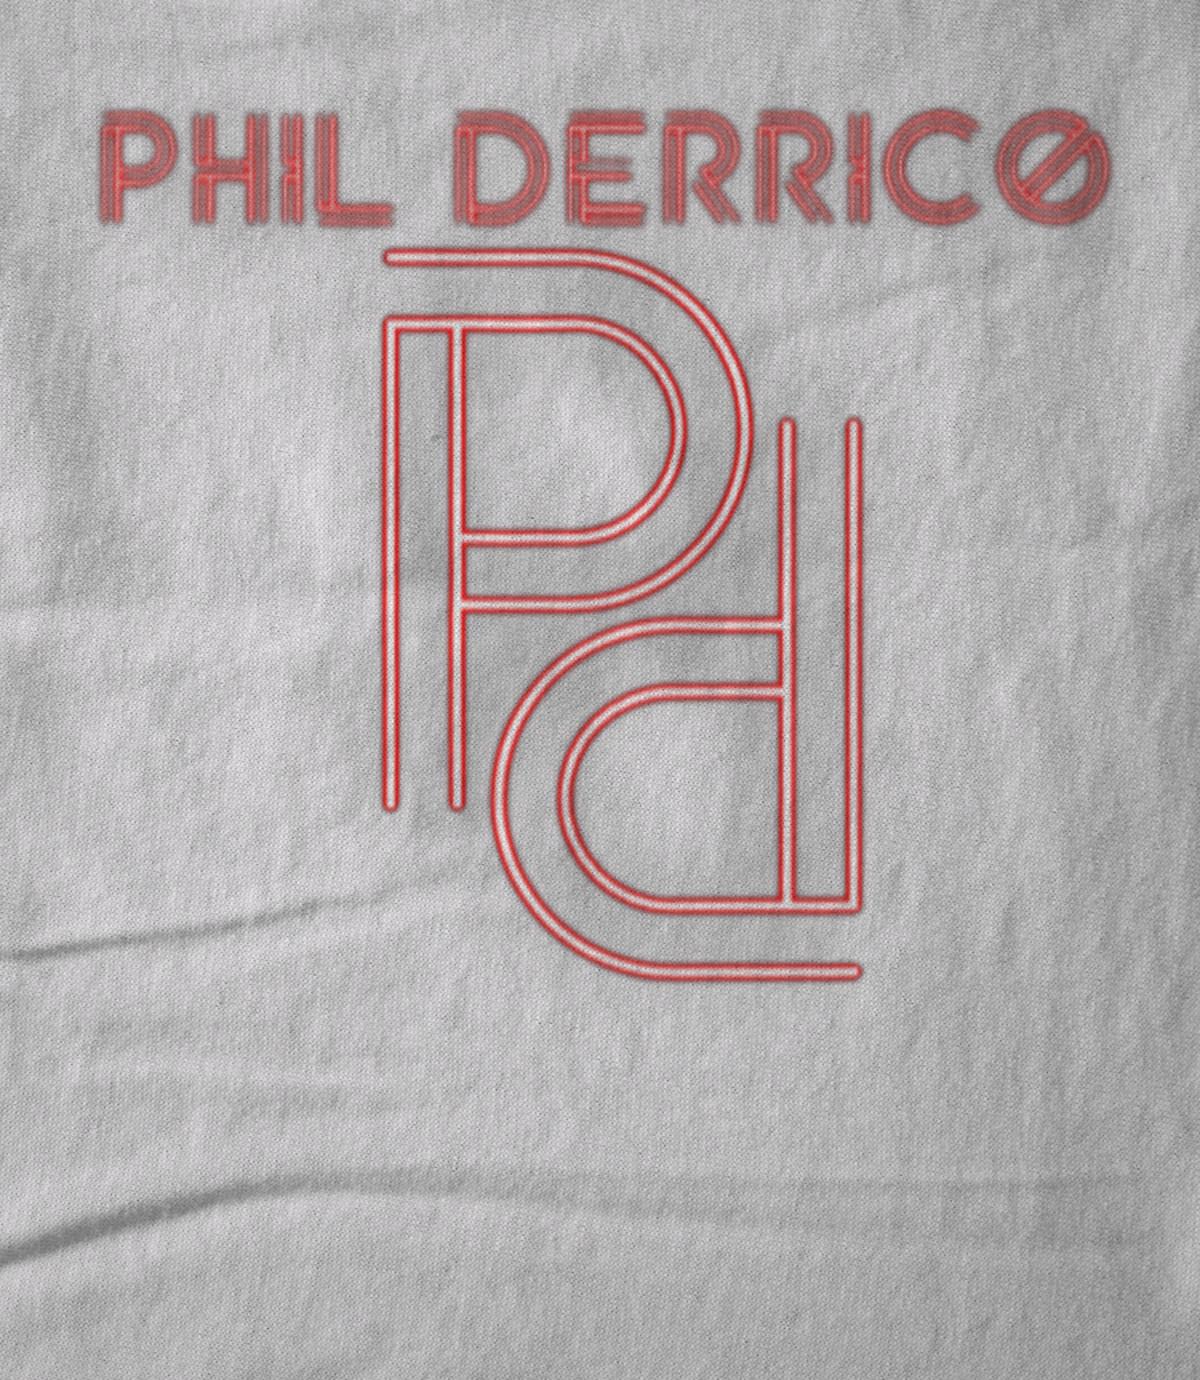 Phil derrico phil derrico  pd  logo 1508612553